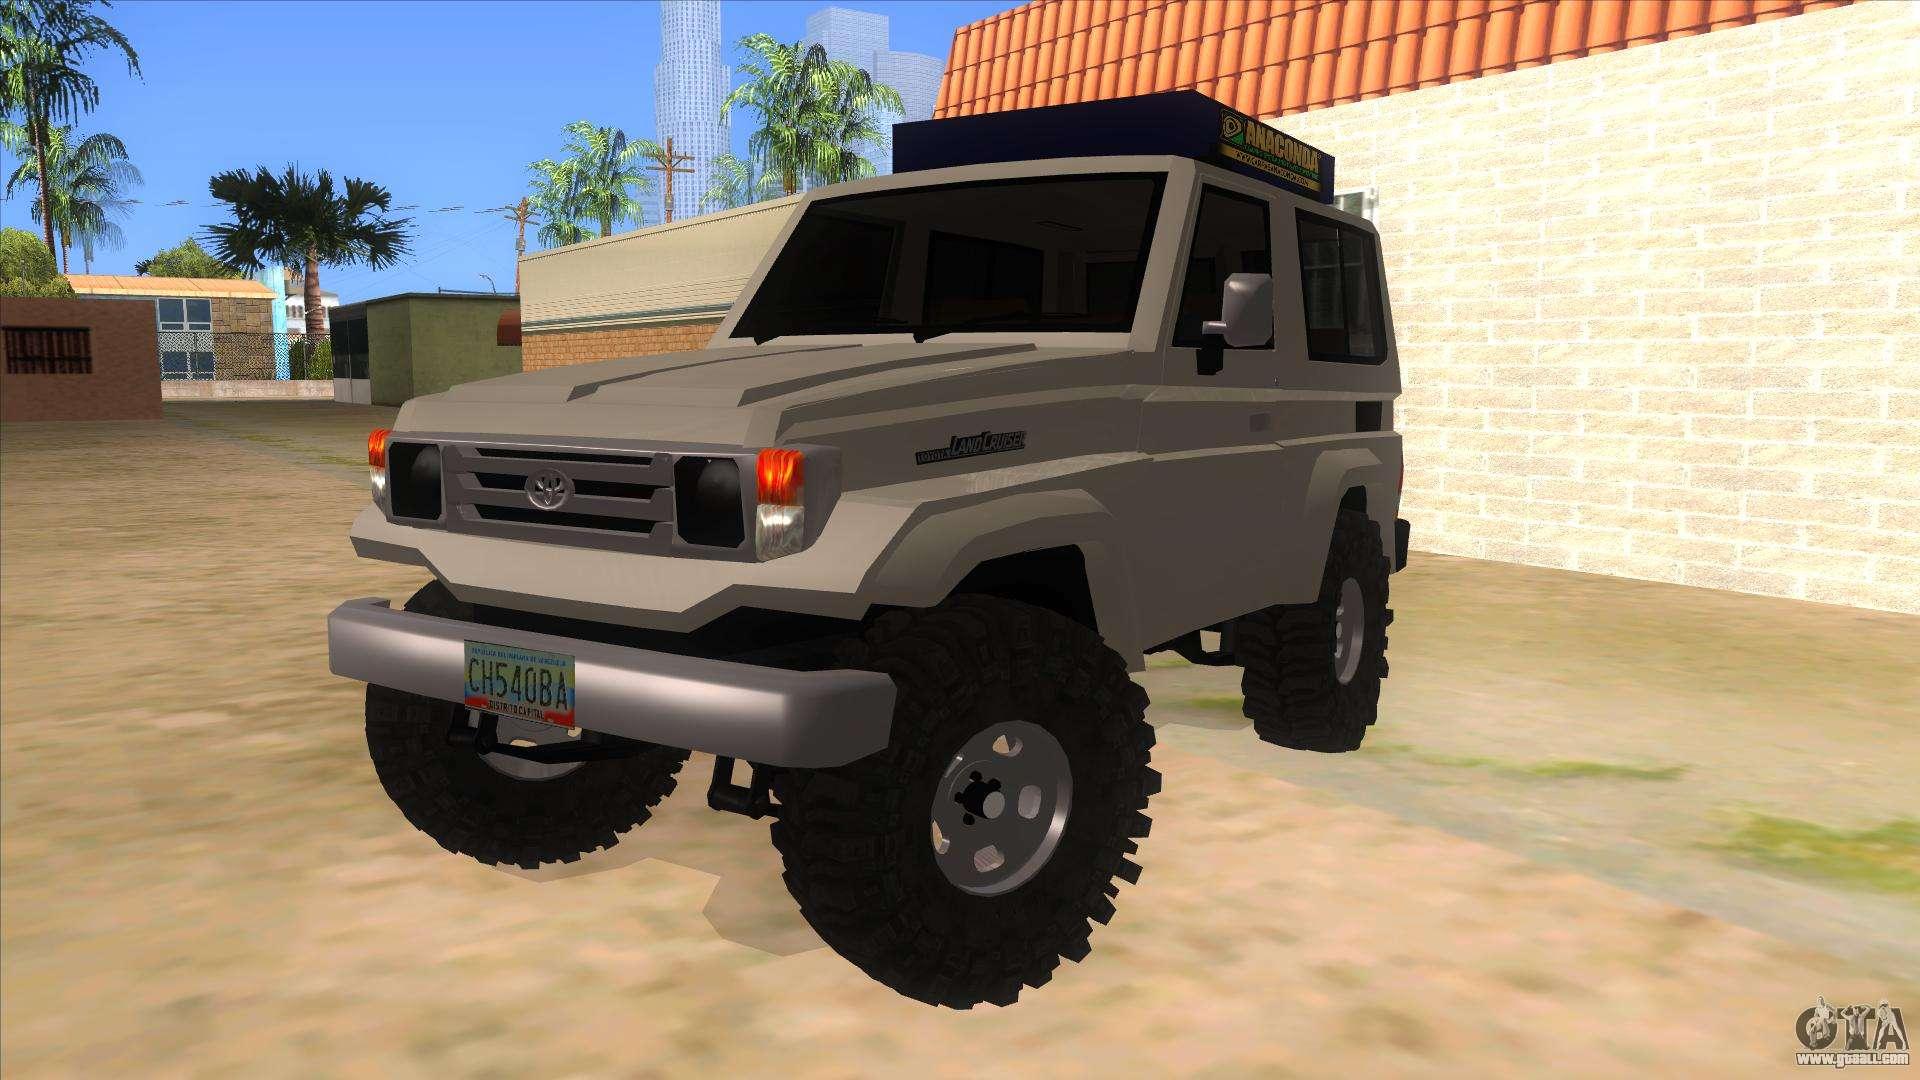 Toyota Machito 4x4 For Gta San Andreas